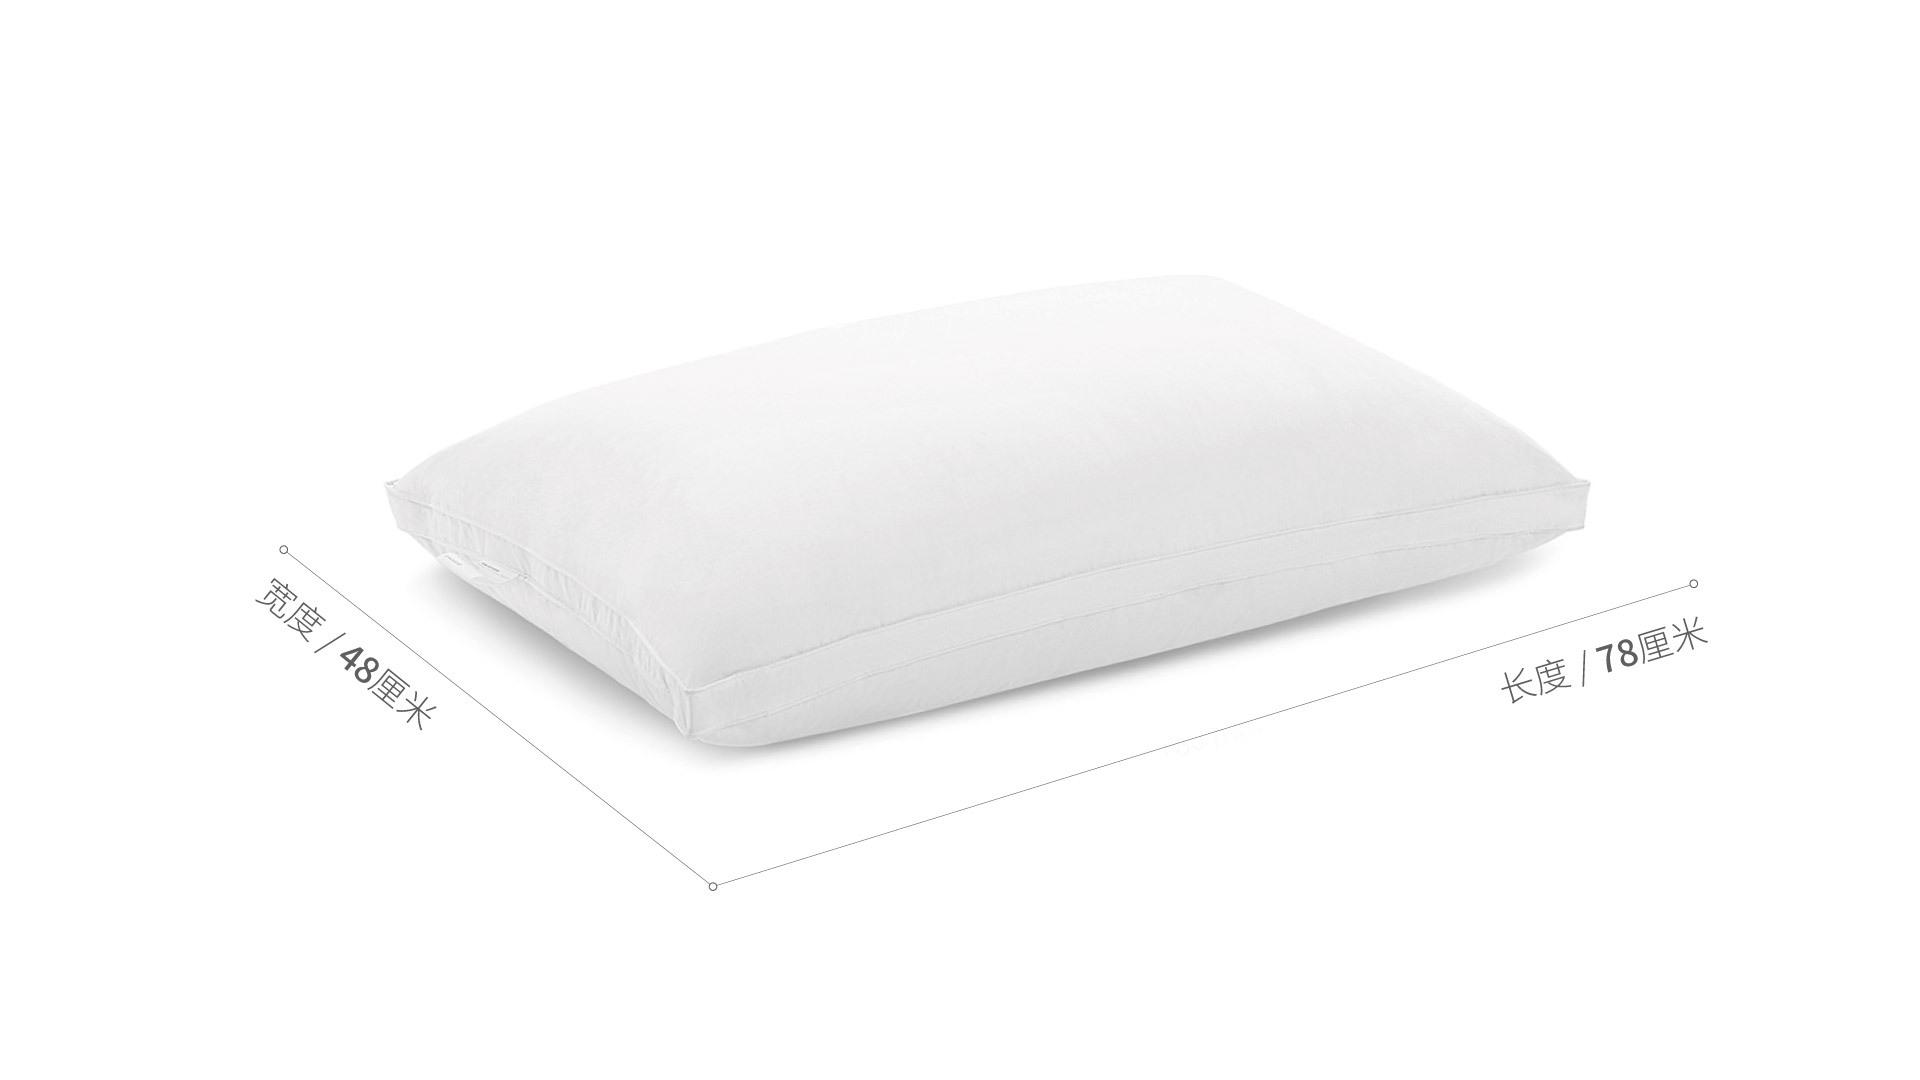 造作有眠白鸭绒轻羽枕芯™软枕床·床具效果图